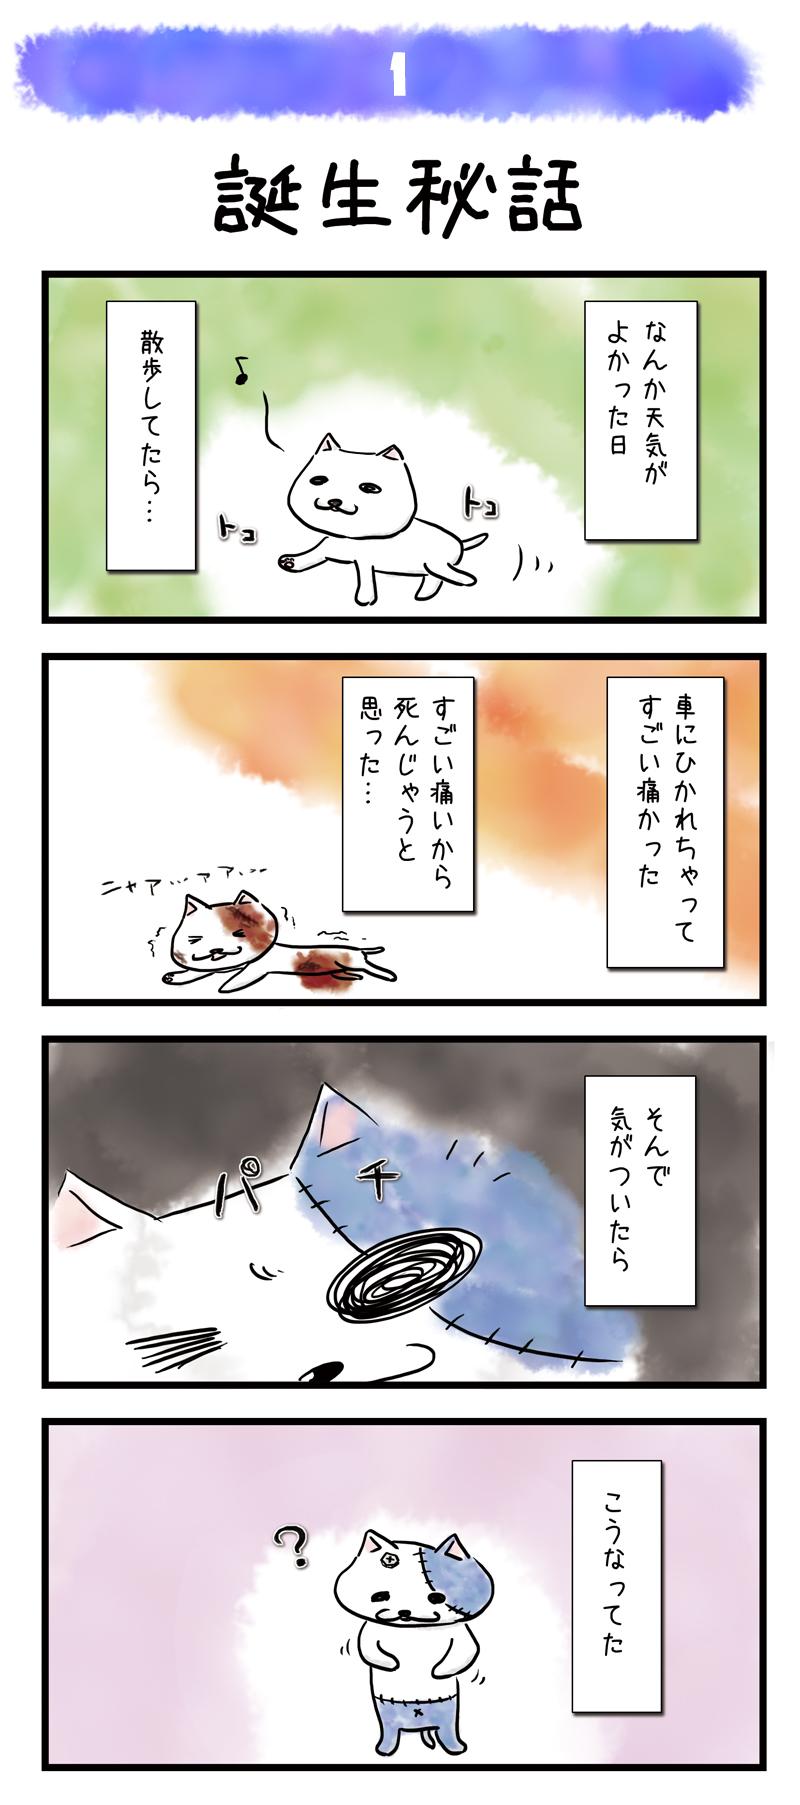 エフネコ 001